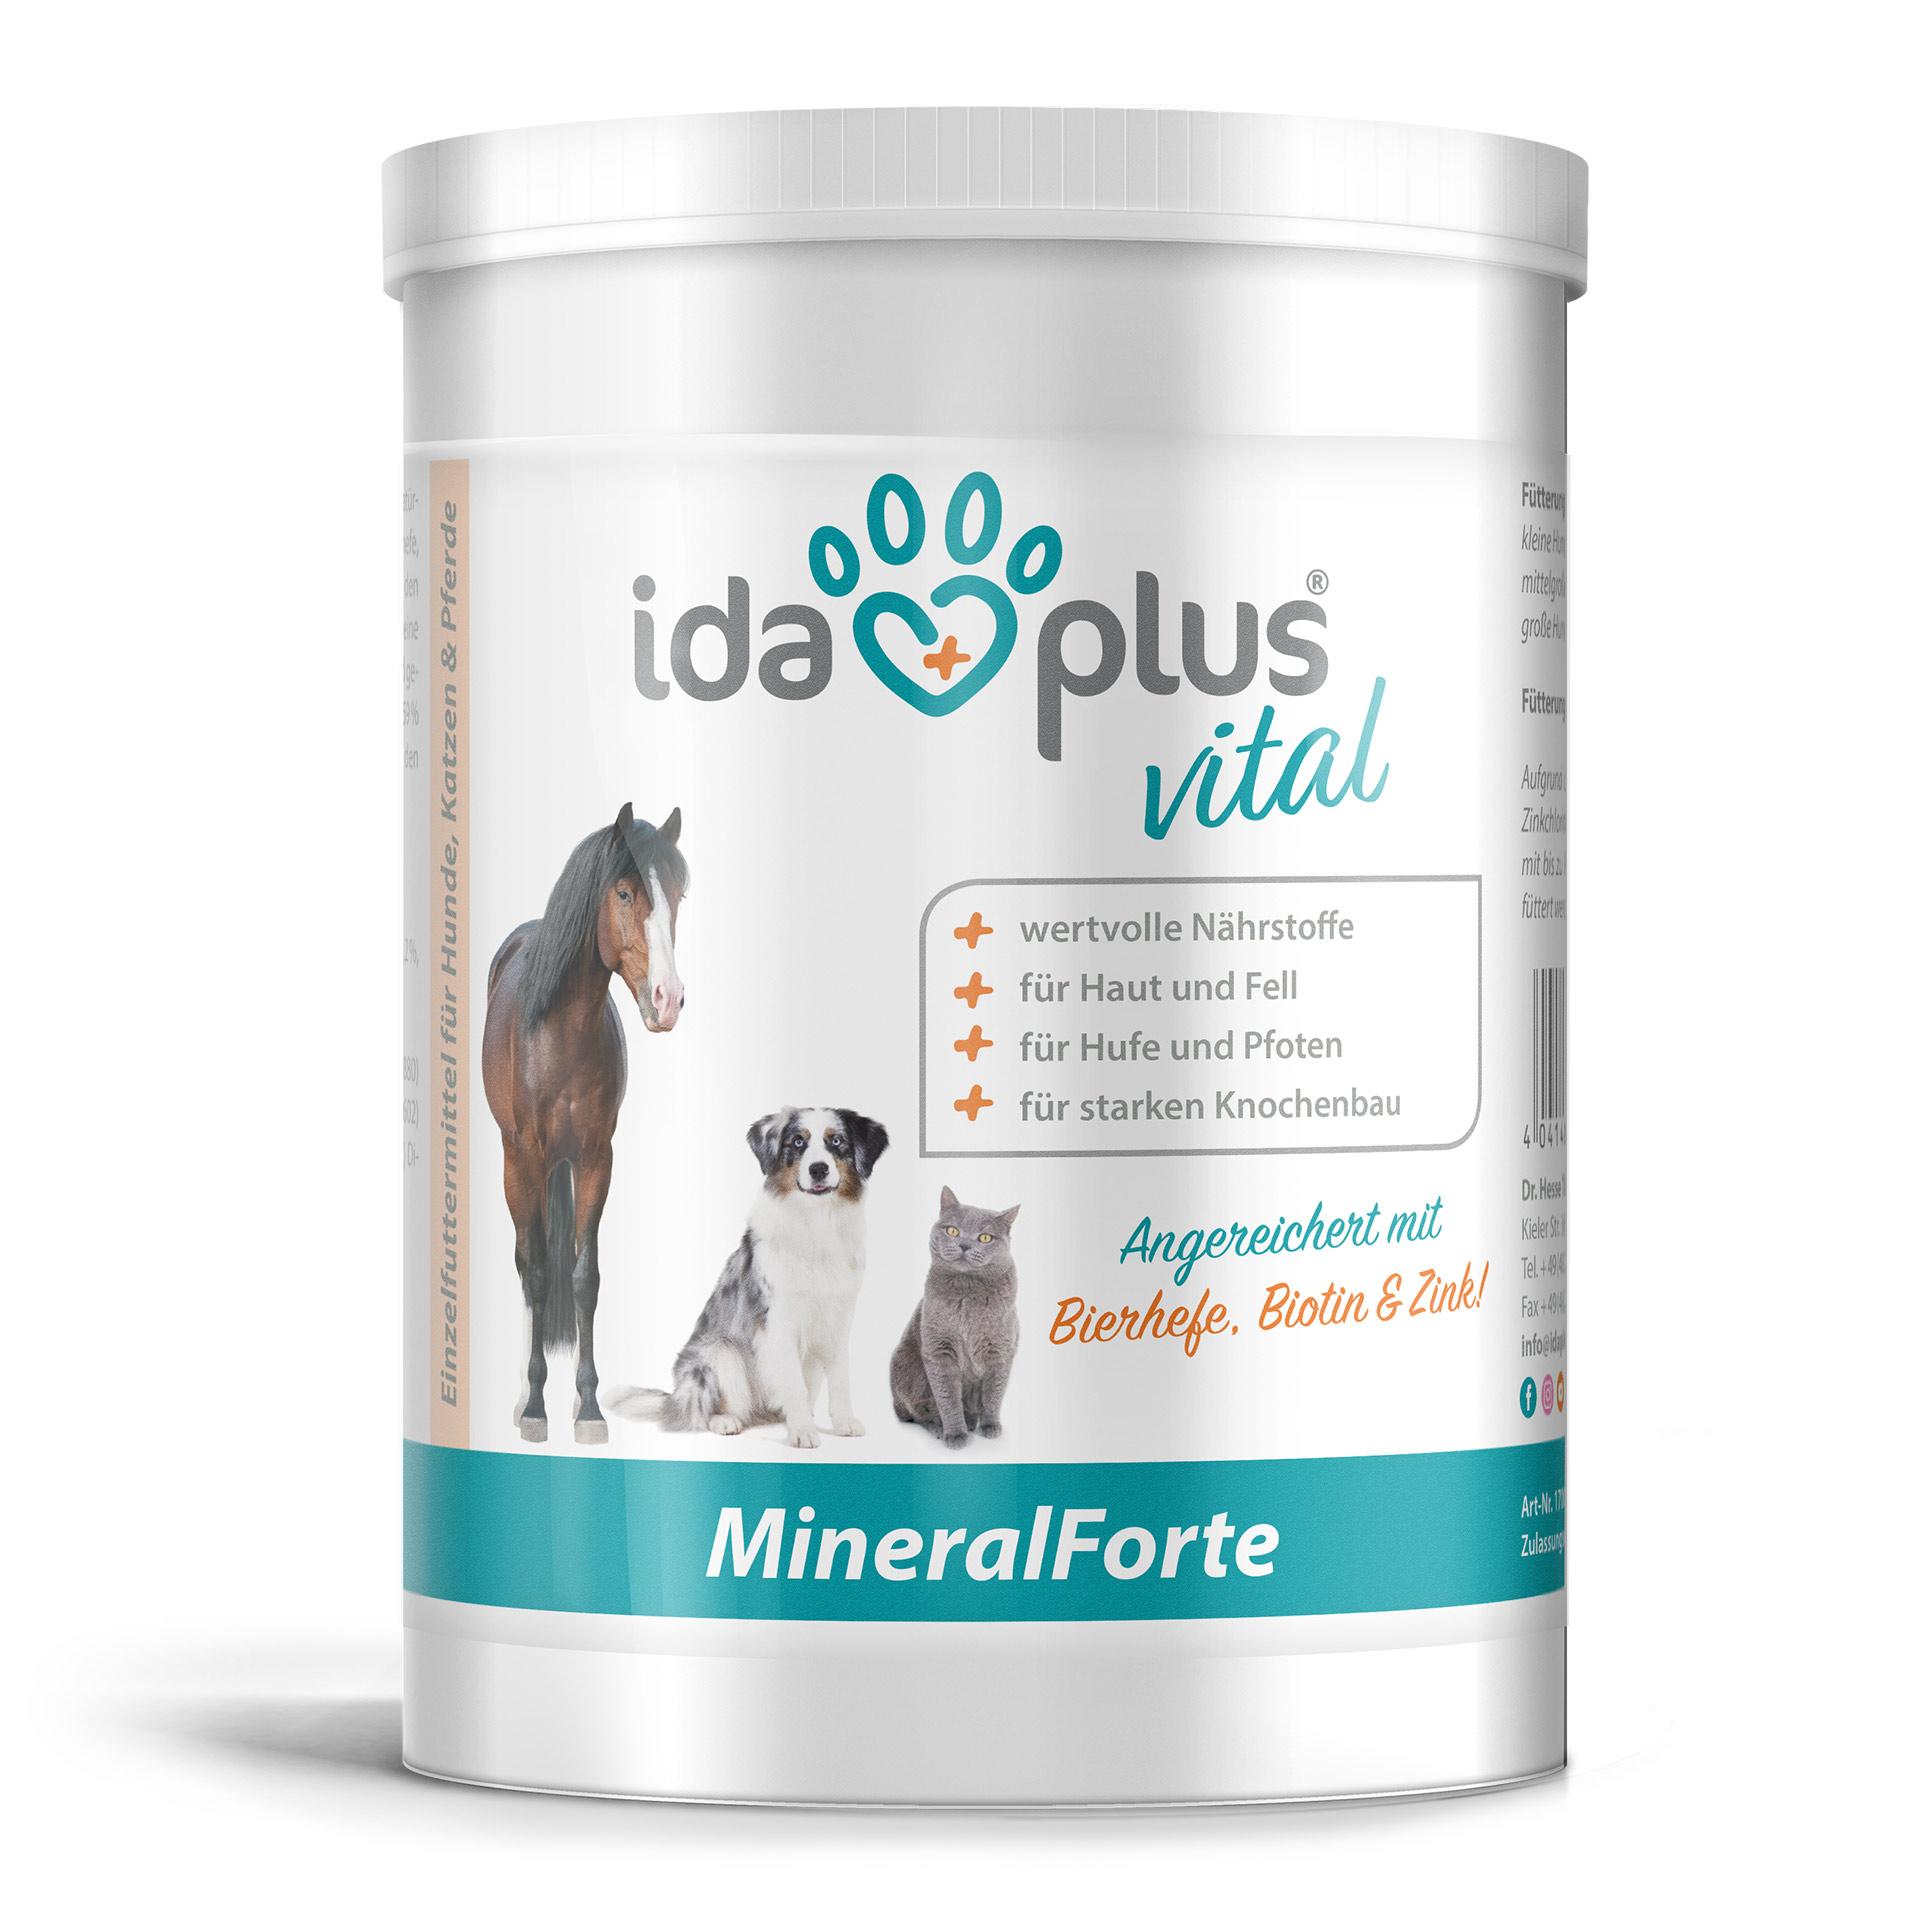 MineralForte - für Fell, Haut, Knochen, Zähne und Horn - 400 g